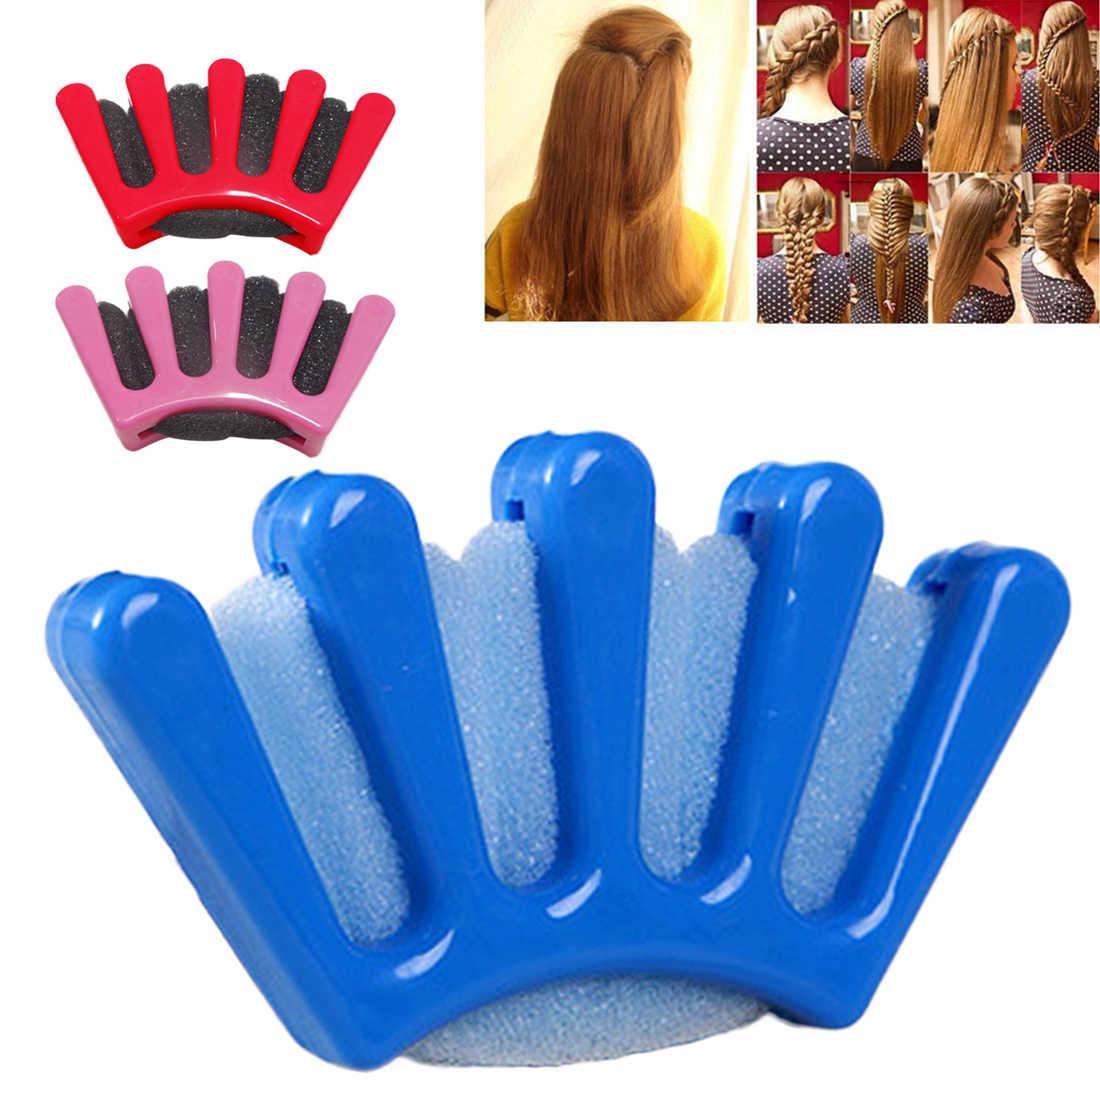 3 cores senhora menina francês cabelo trança ferramenta cinco dedos tecer esponja tranças torção hairstylist trança diy acessório